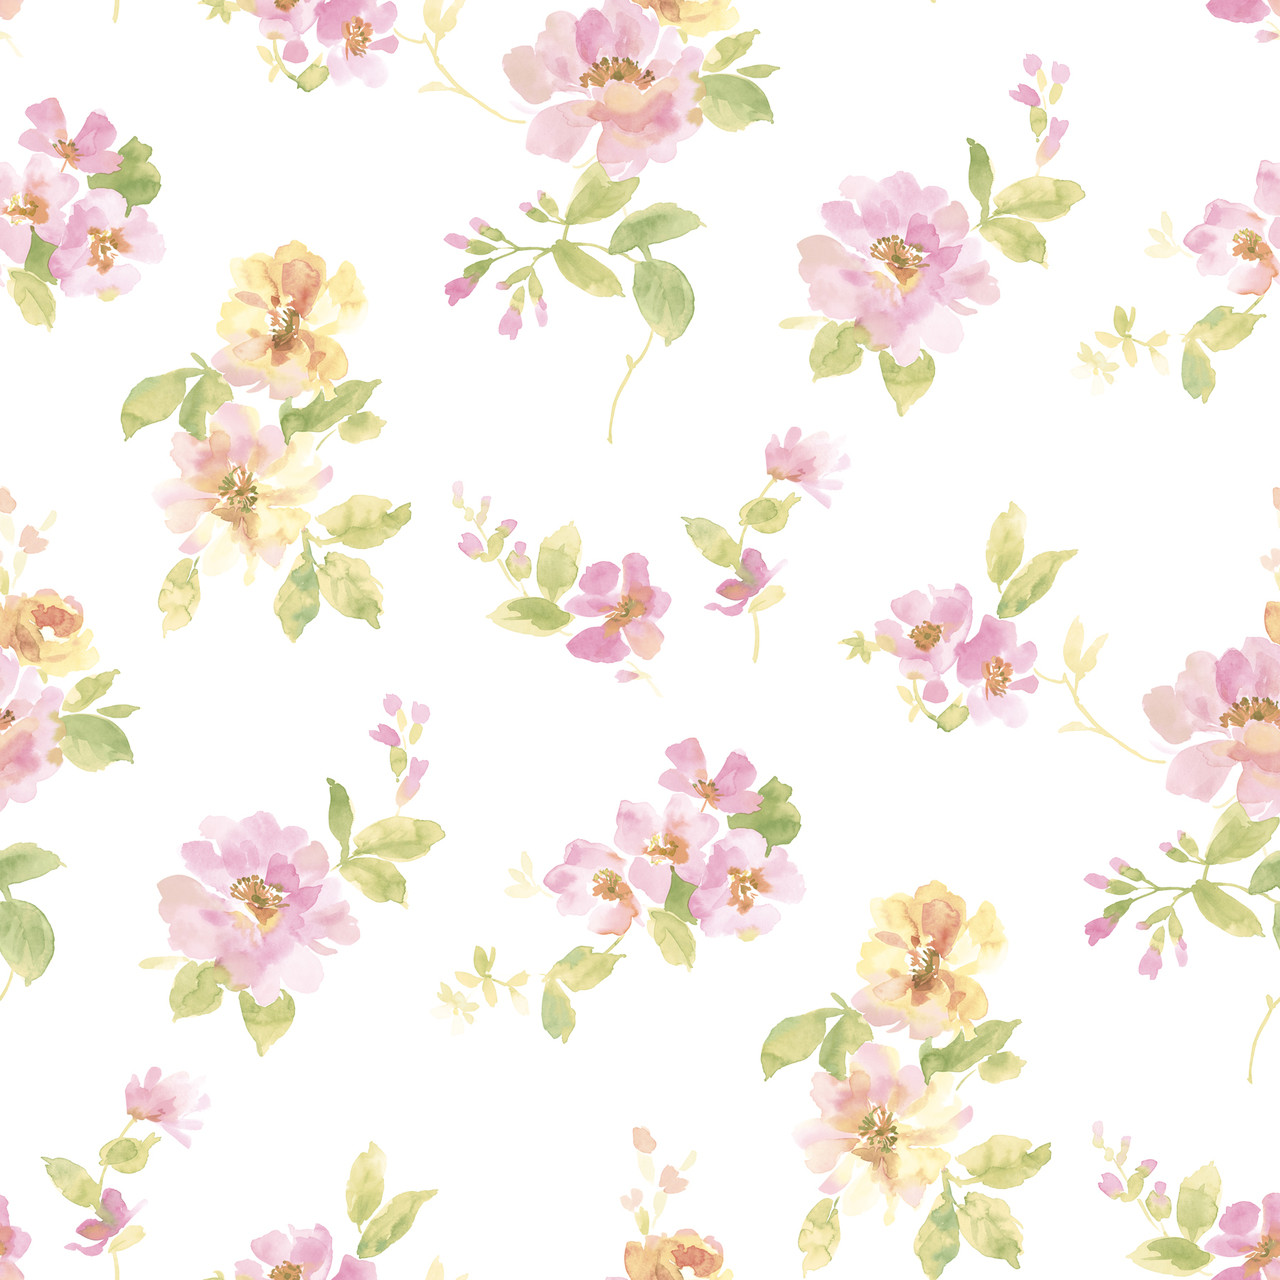 Captiva Pink Watercolor Floral Dlr54594 Wallpaper